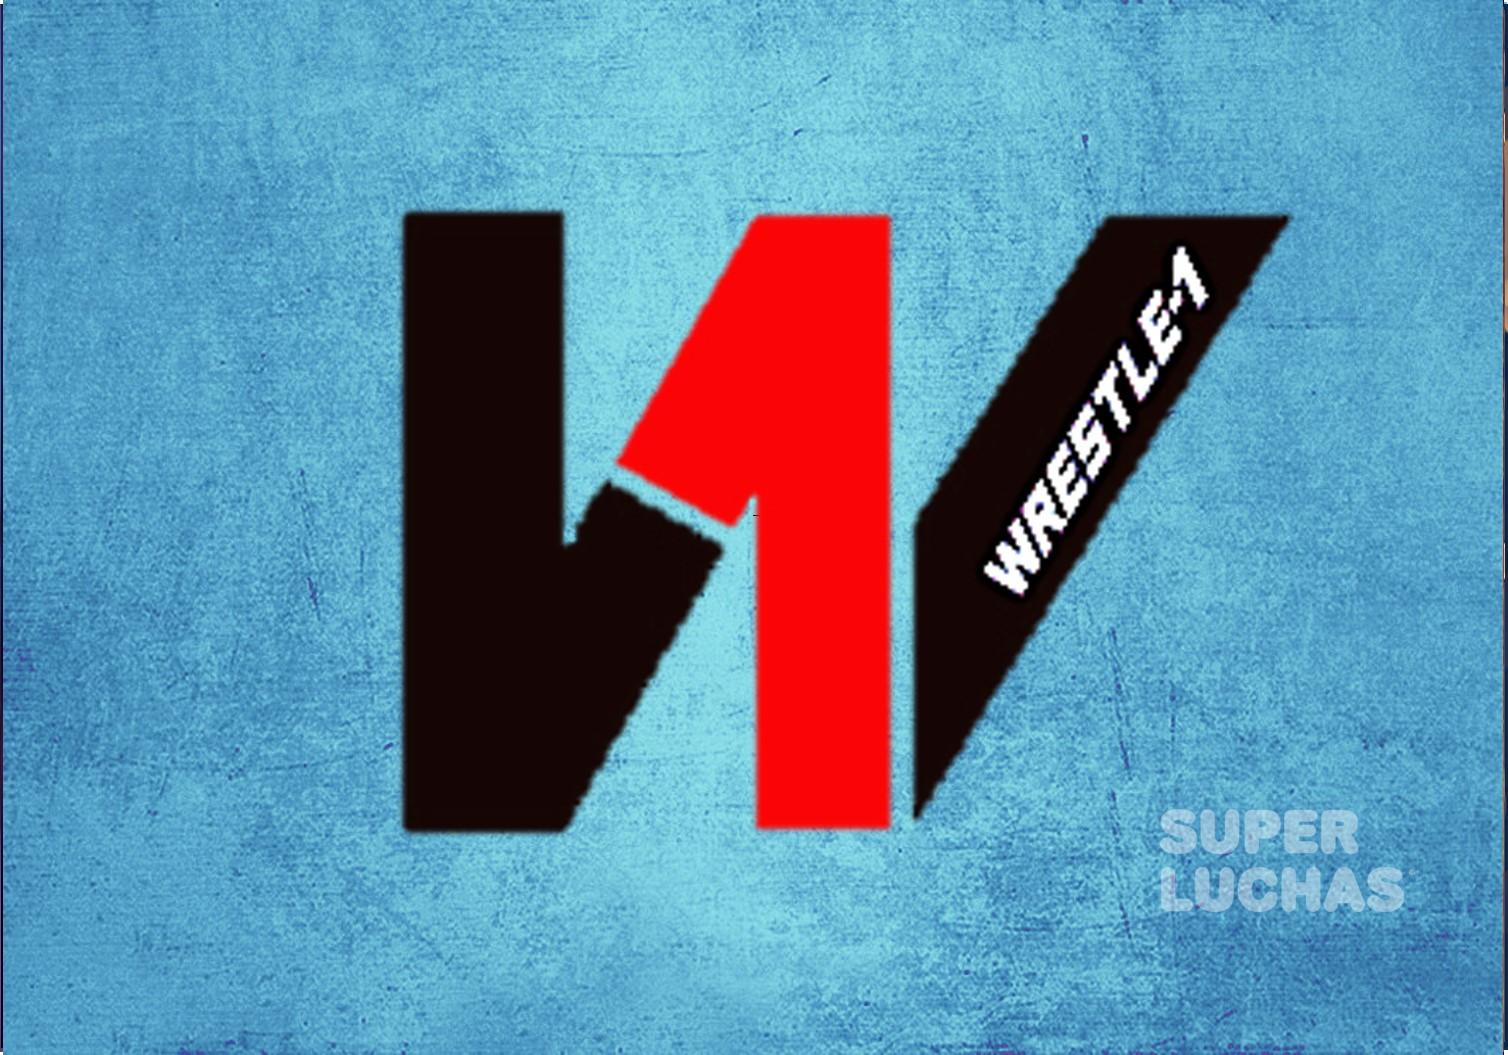 Wrestle-1 anuncia paro indefinido de labores 8